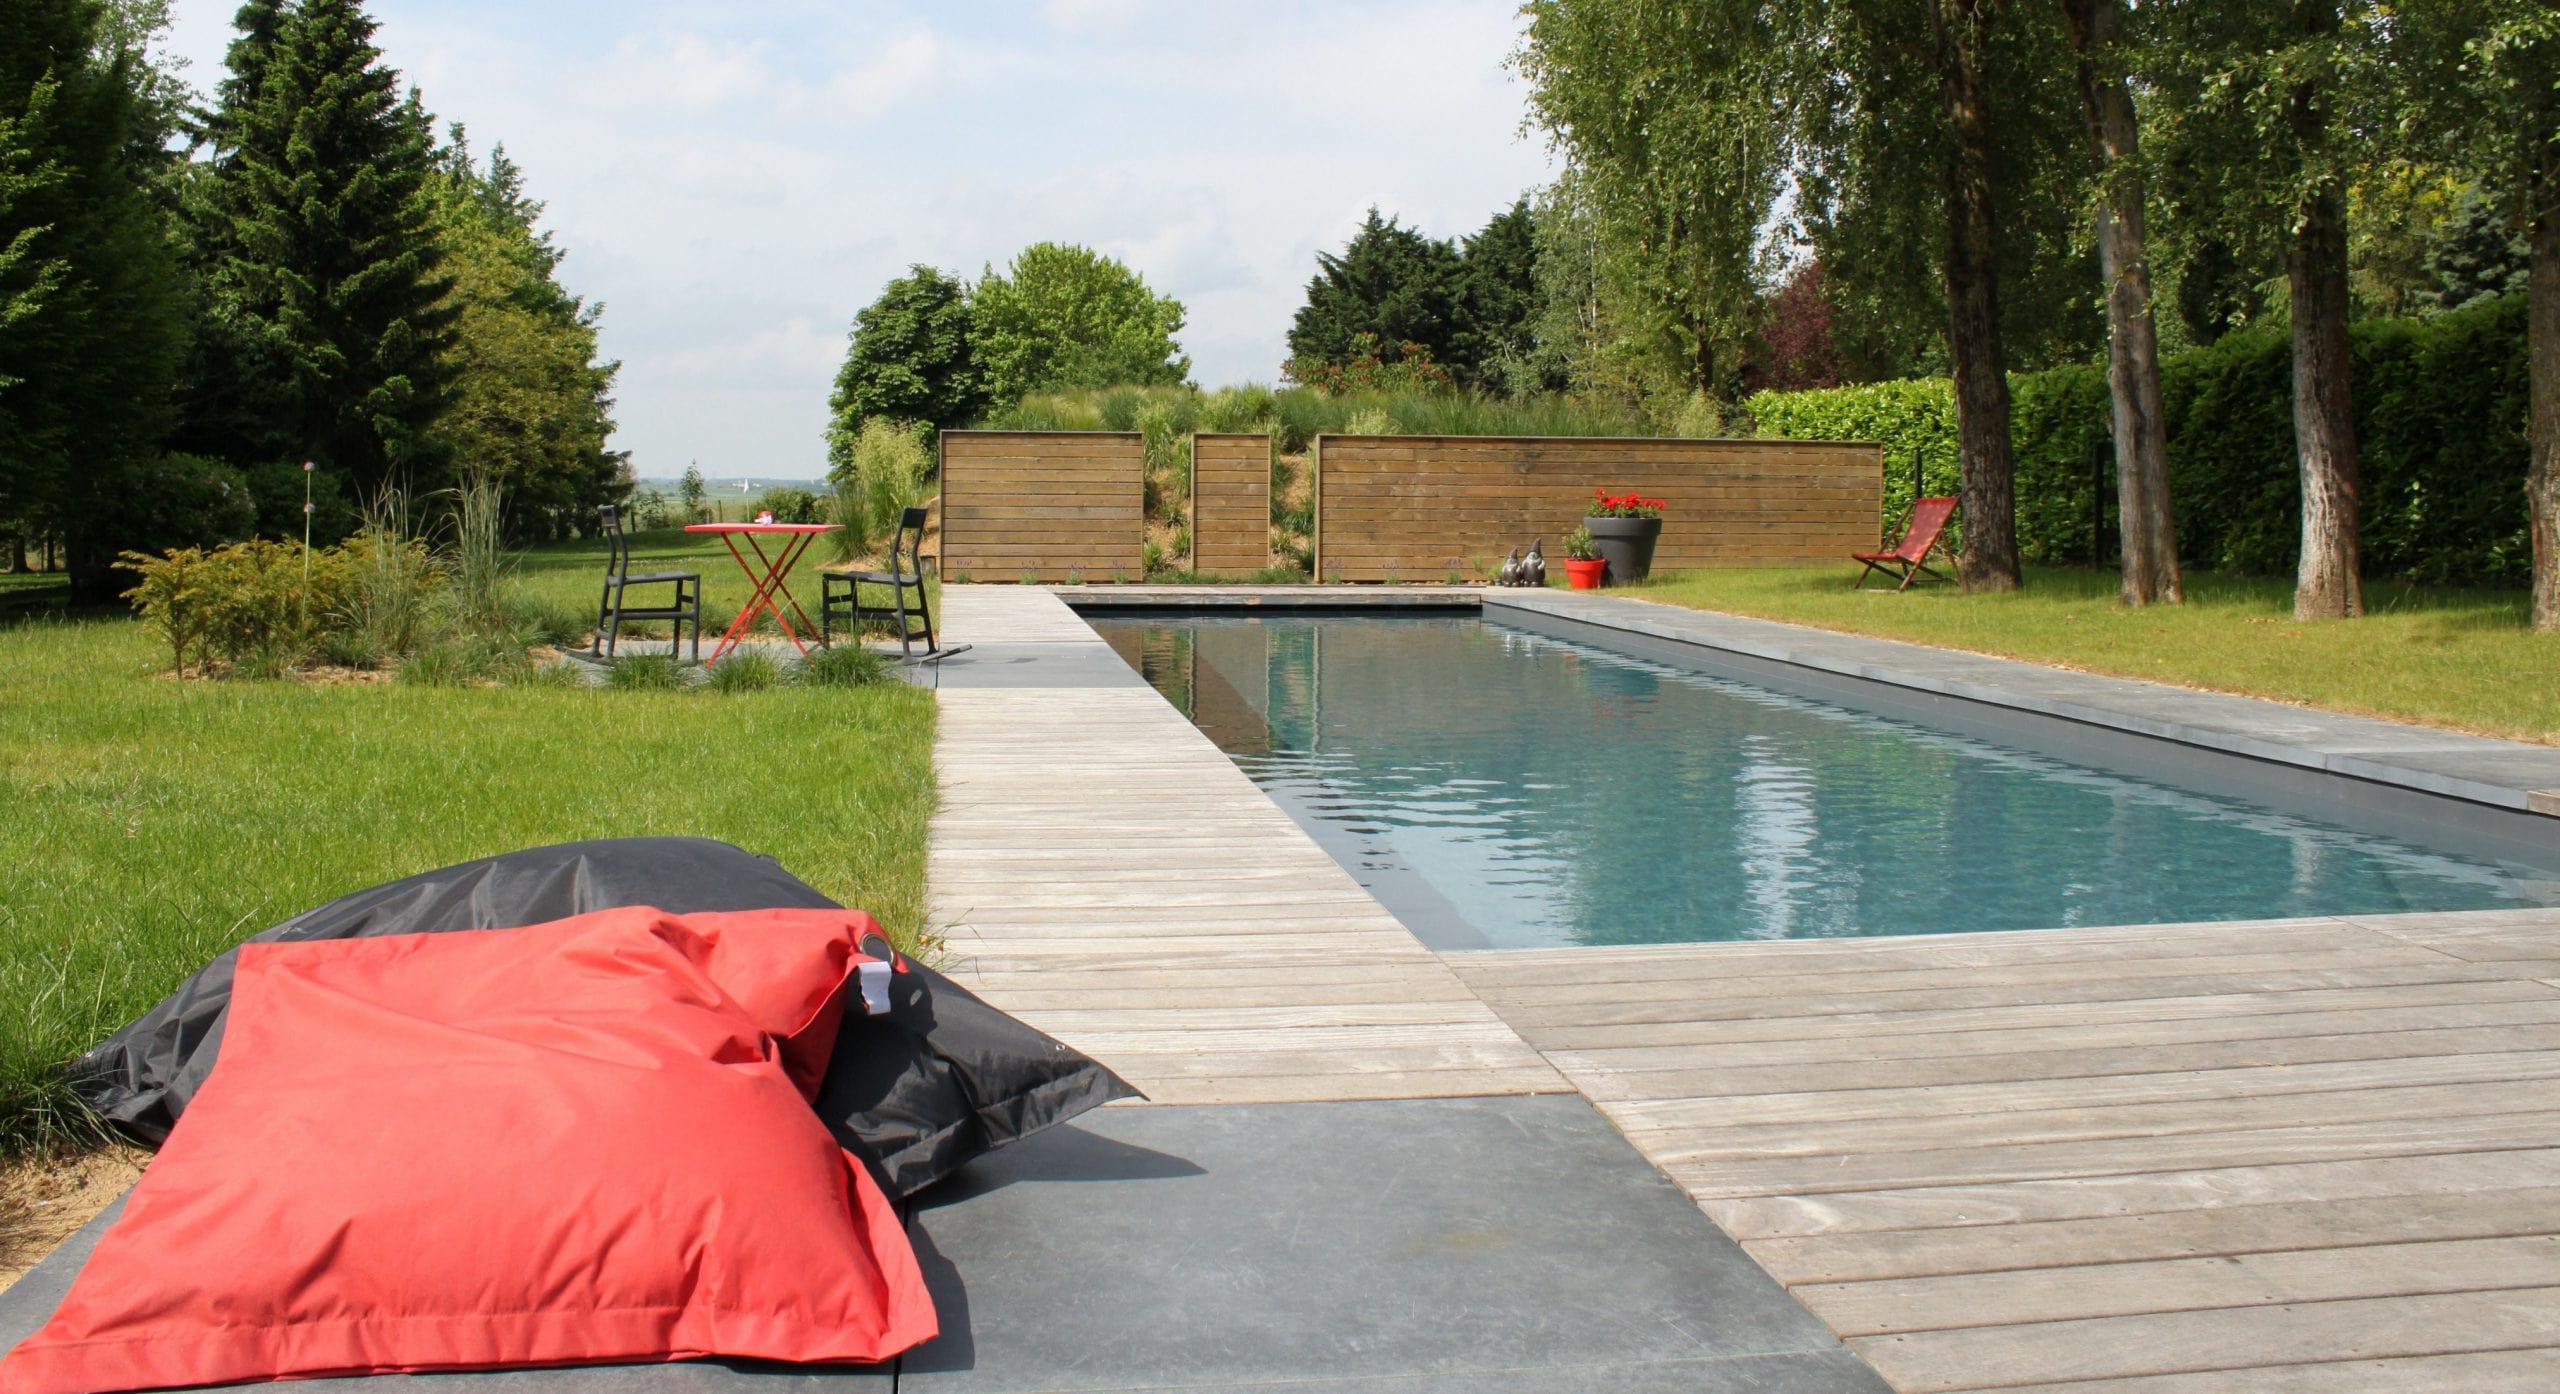 am nagement abords de piscines et spas home ext rieur. Black Bedroom Furniture Sets. Home Design Ideas